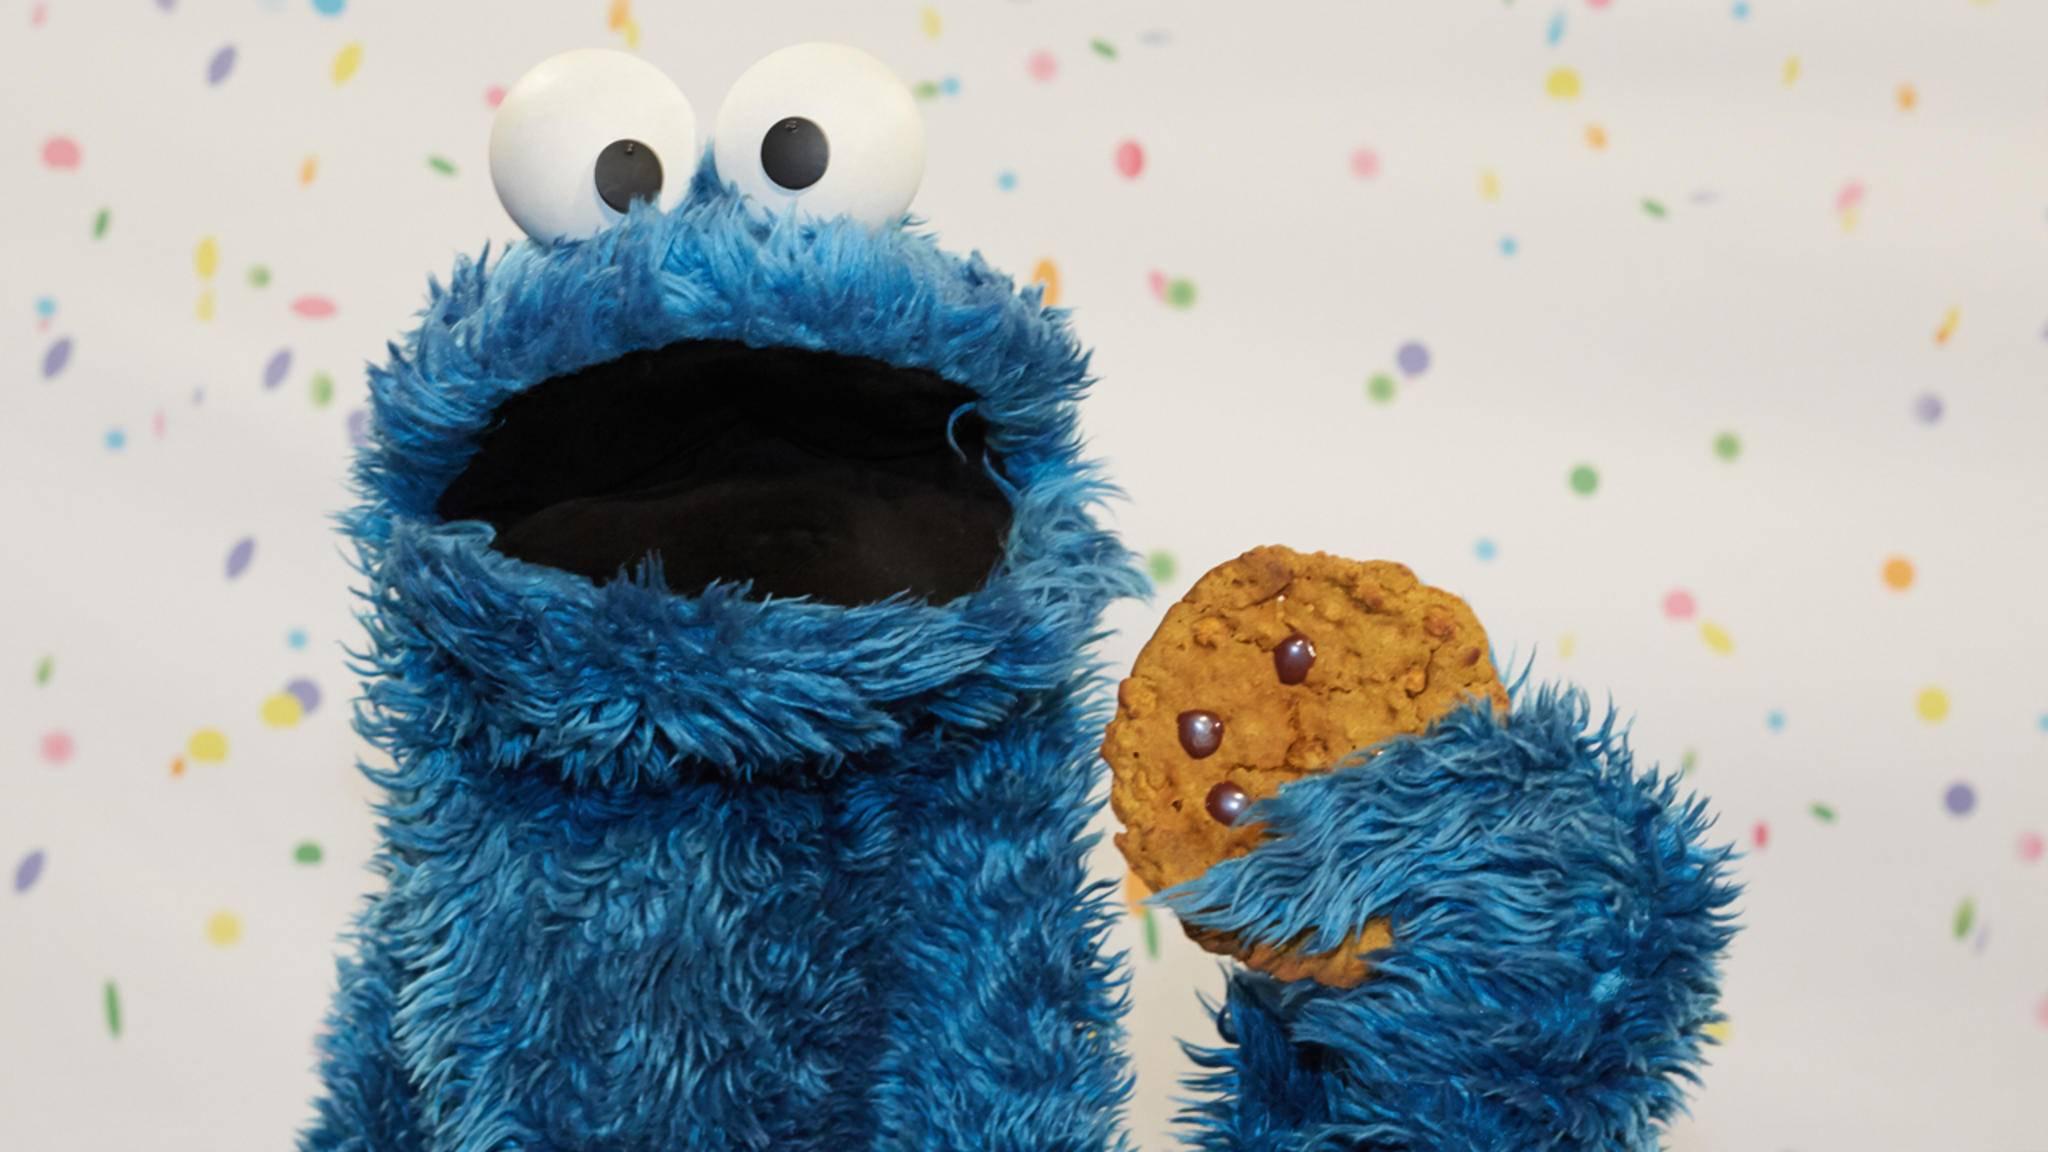 Das Krümelmonster würde die smarten Google-Kekse wahrscheinlich links liegen lassen.